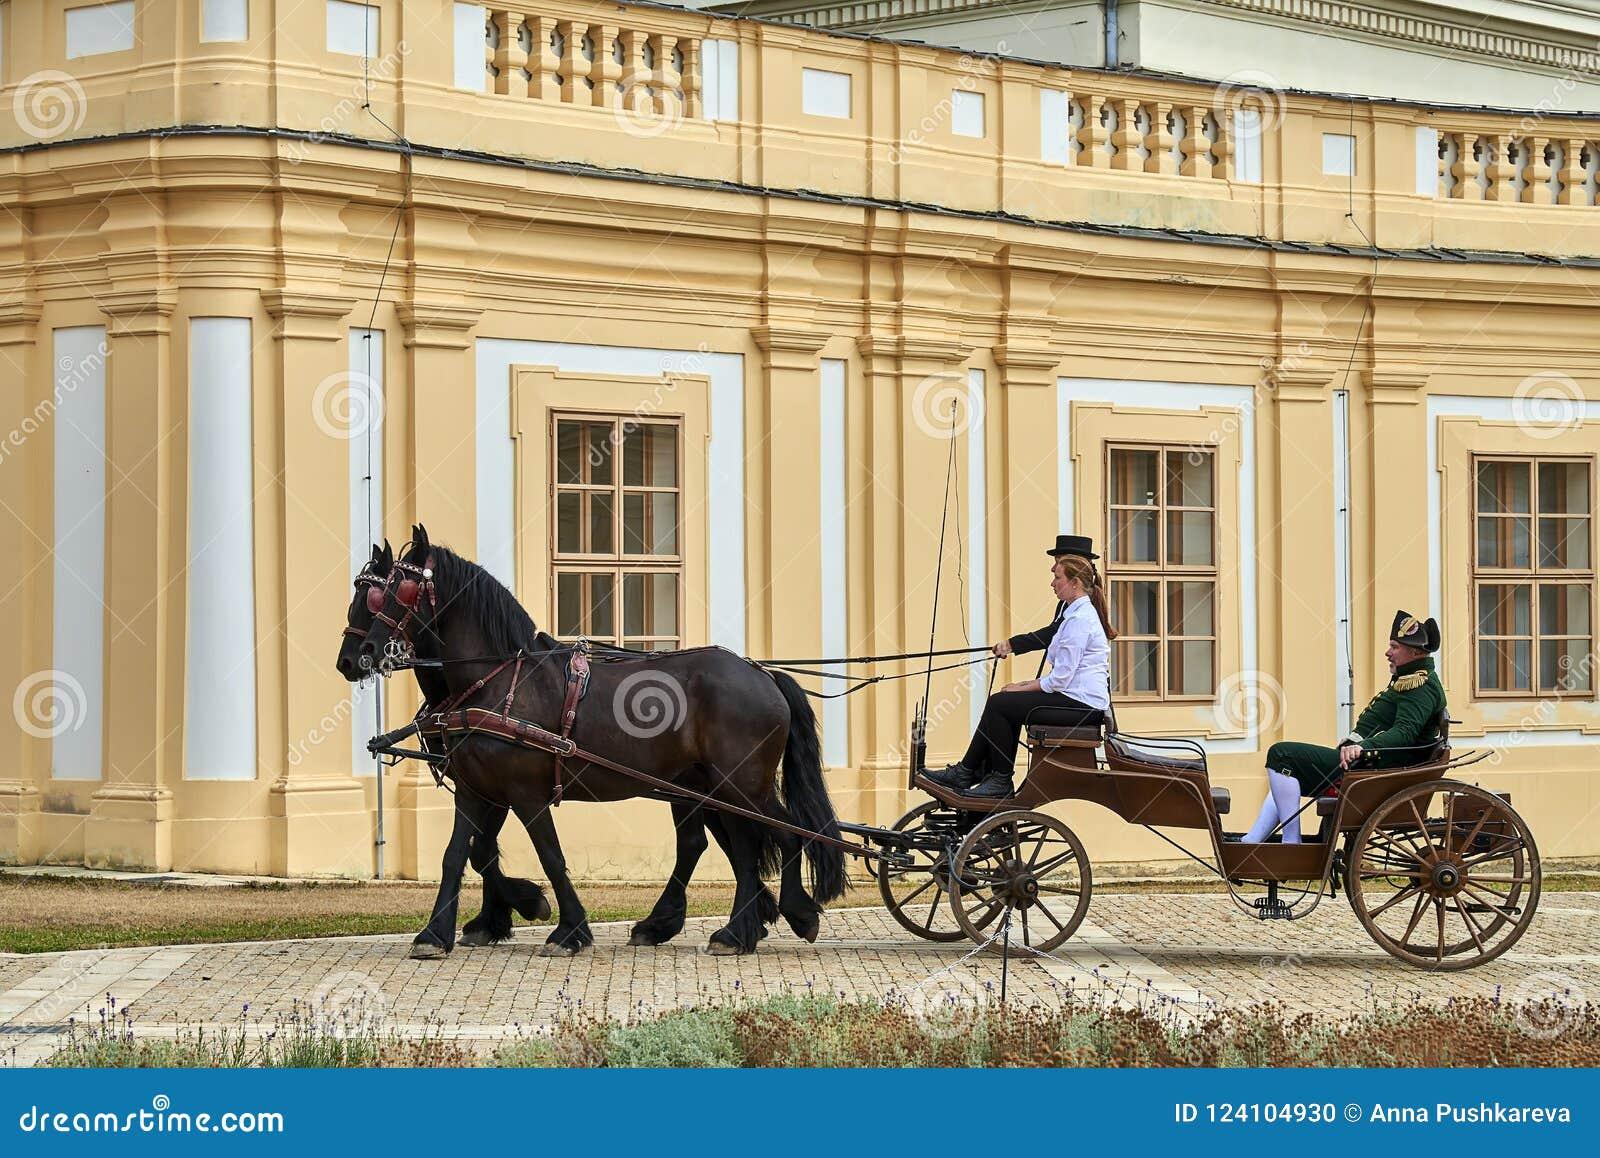 Riding ladies napoleon Latin Riding